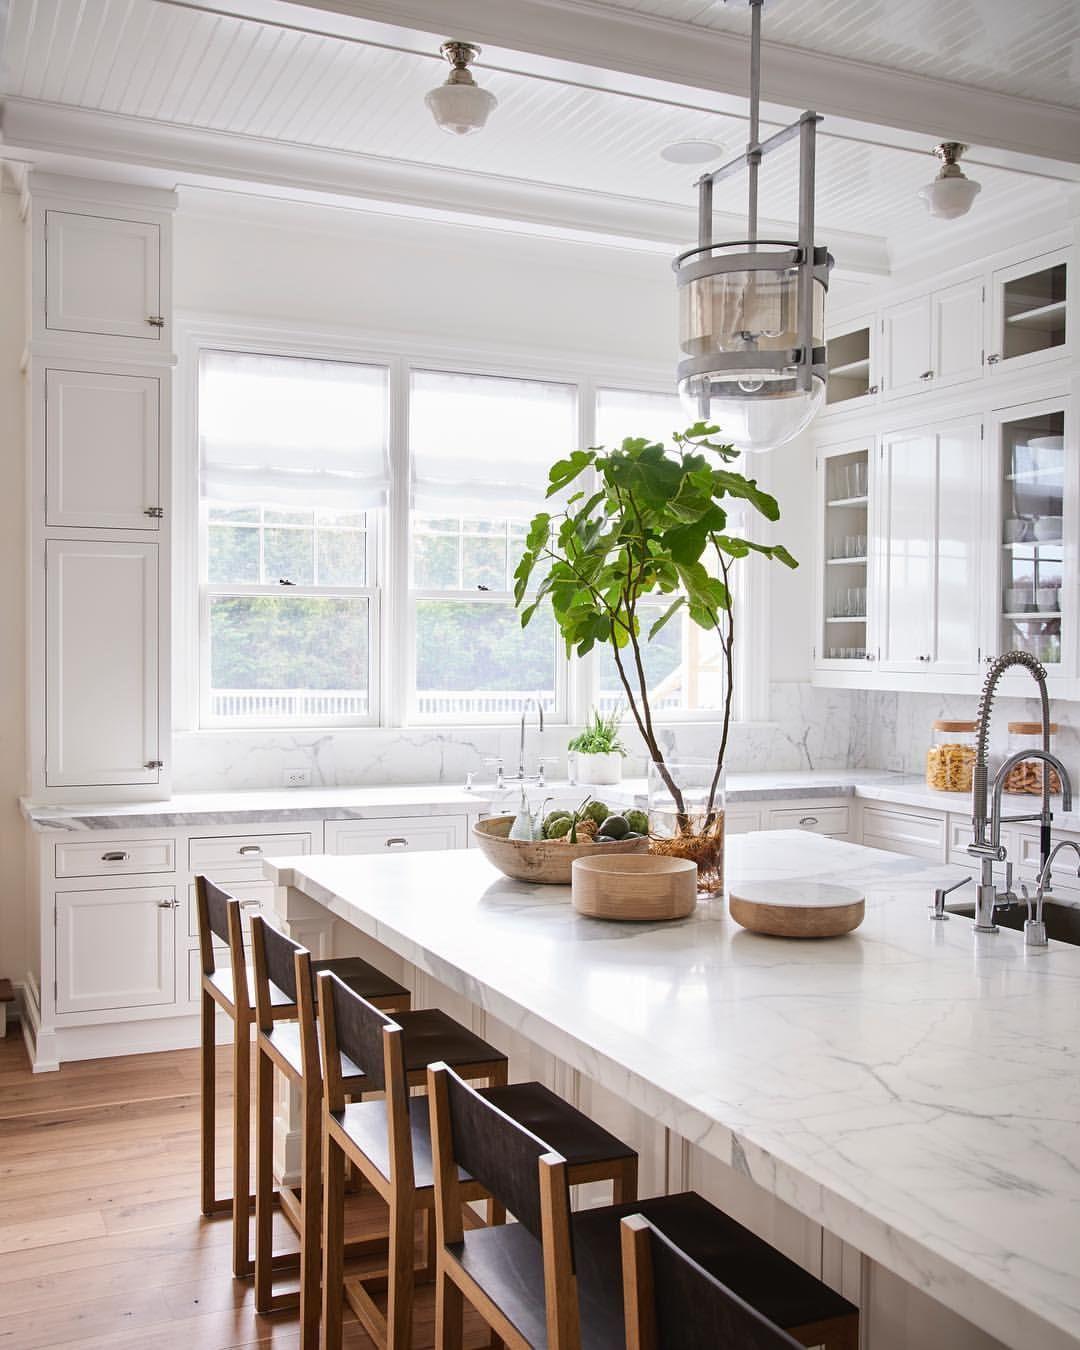 9 R D Kitchen Ideas Kitchen Kitchen Design Kitchen Remodel